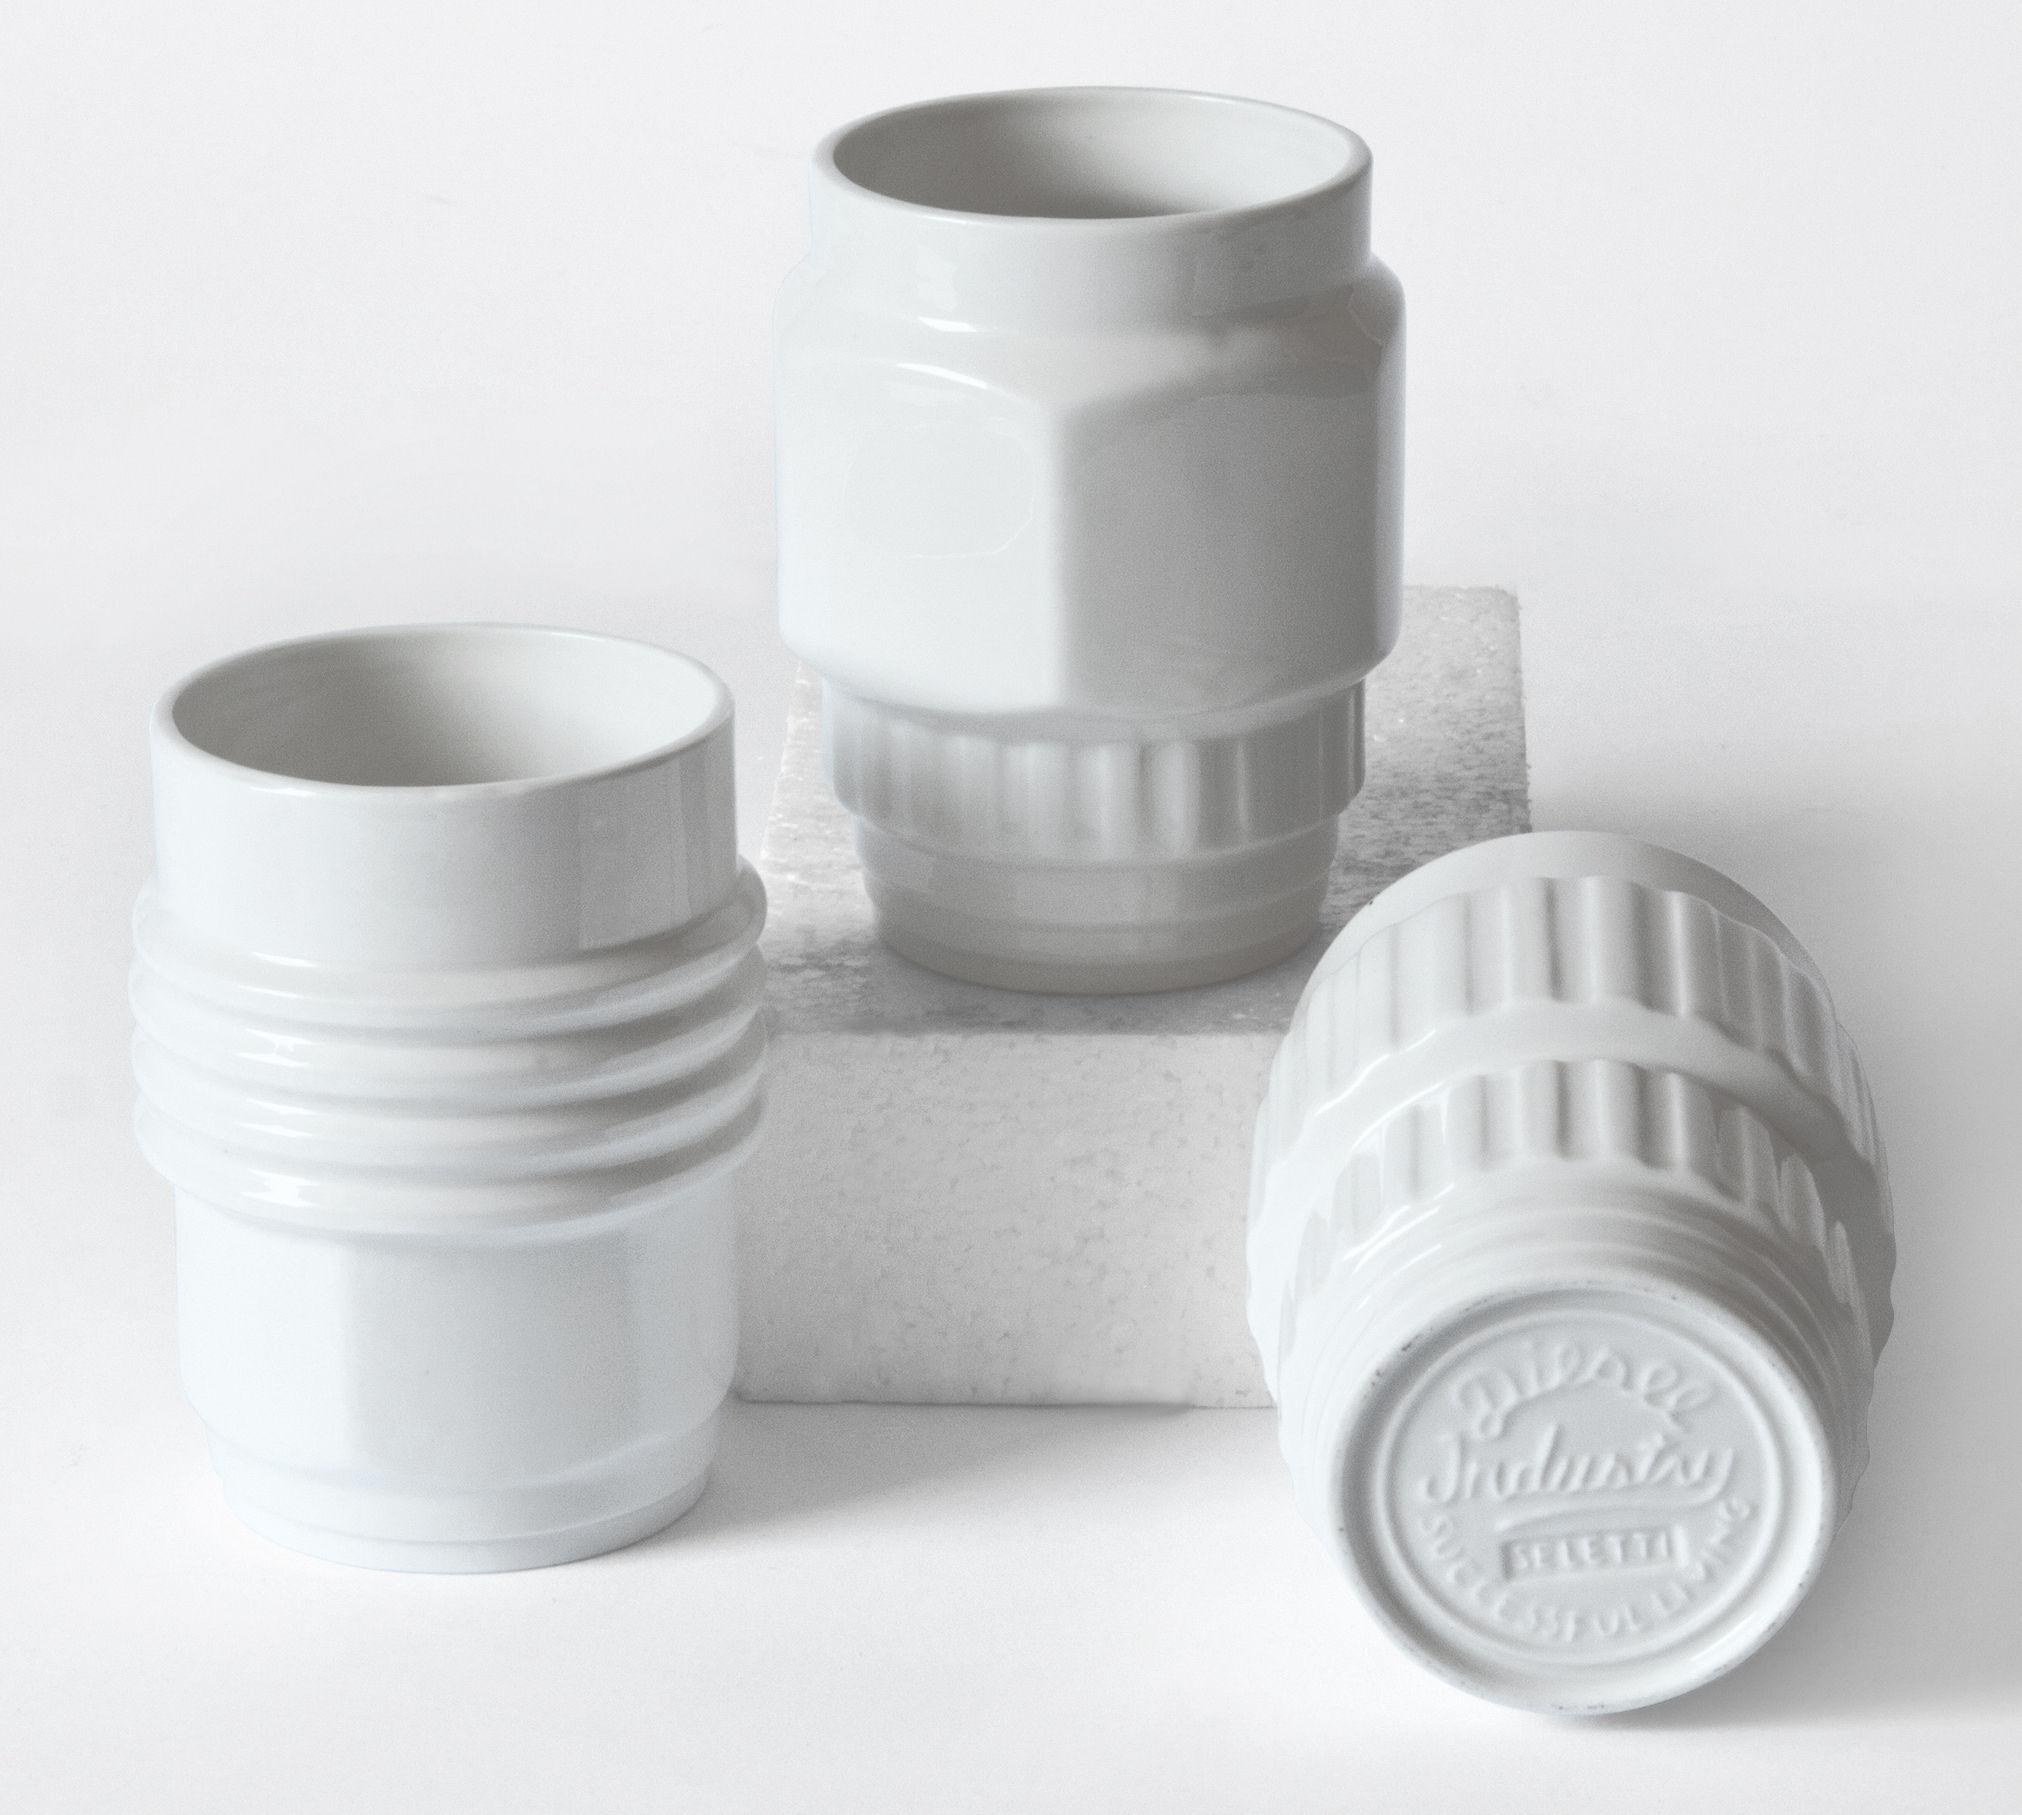 Tischkultur - Tassen und Becher - Machine Collection Becher / 3er-Set - Diesel living with Seletti - Weiß - Porzellan